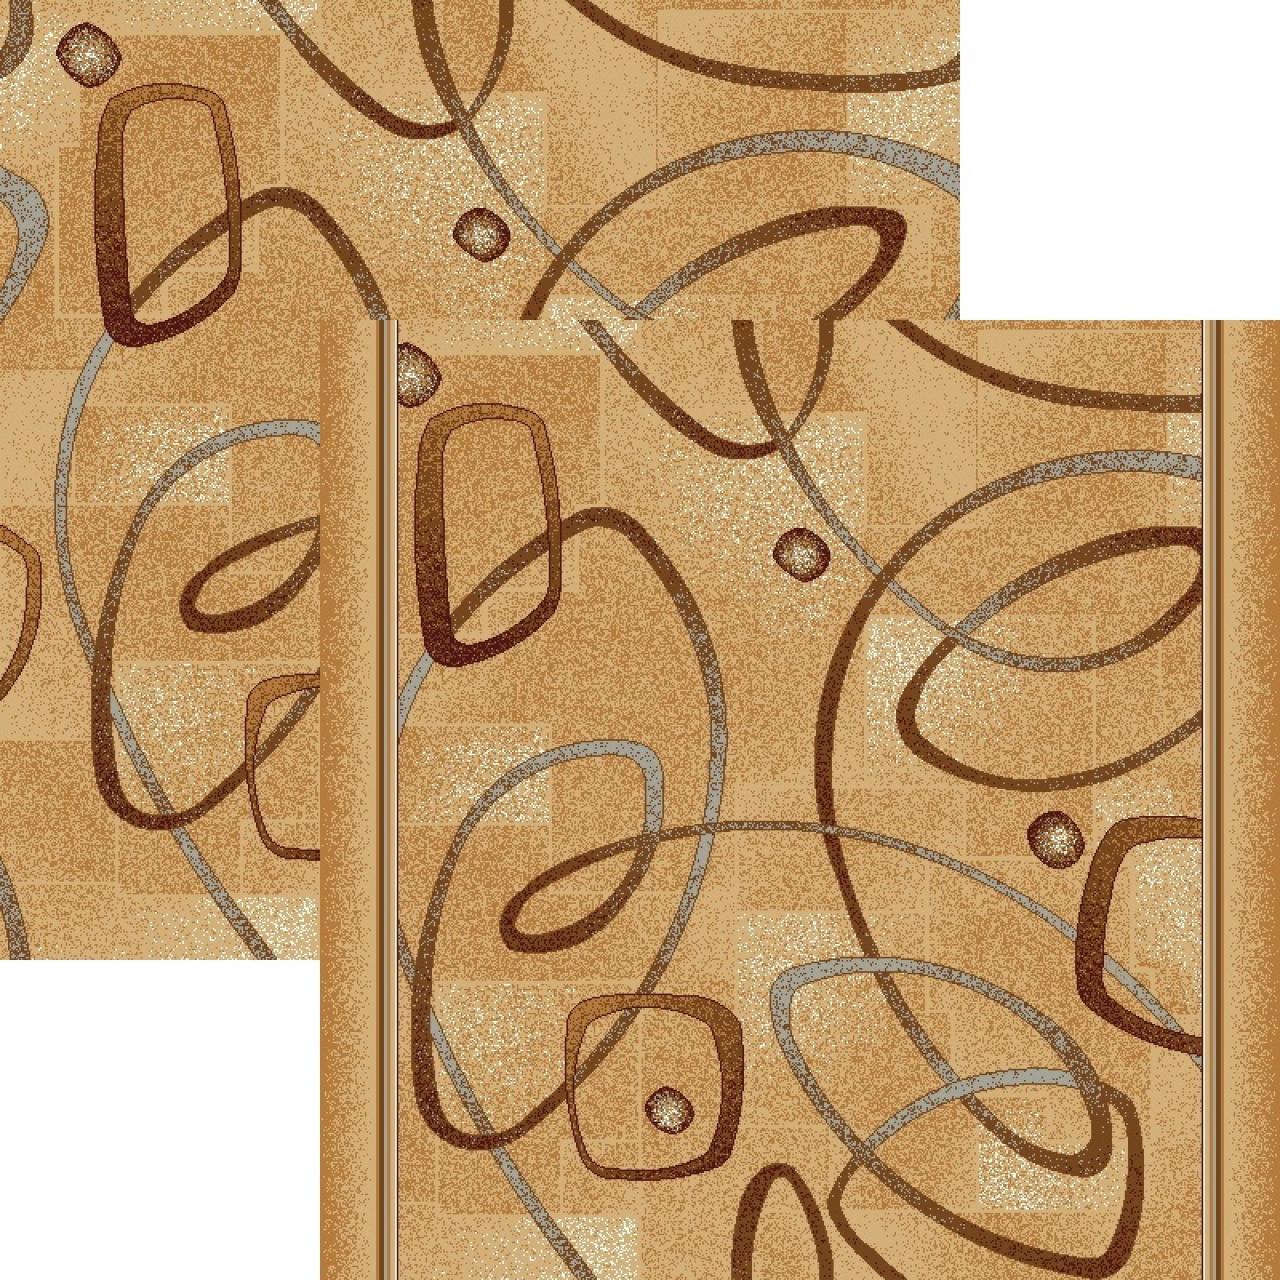 Ковровая дорожка p980c2p - 34 - коллекция принт 8-ми цветное полотно